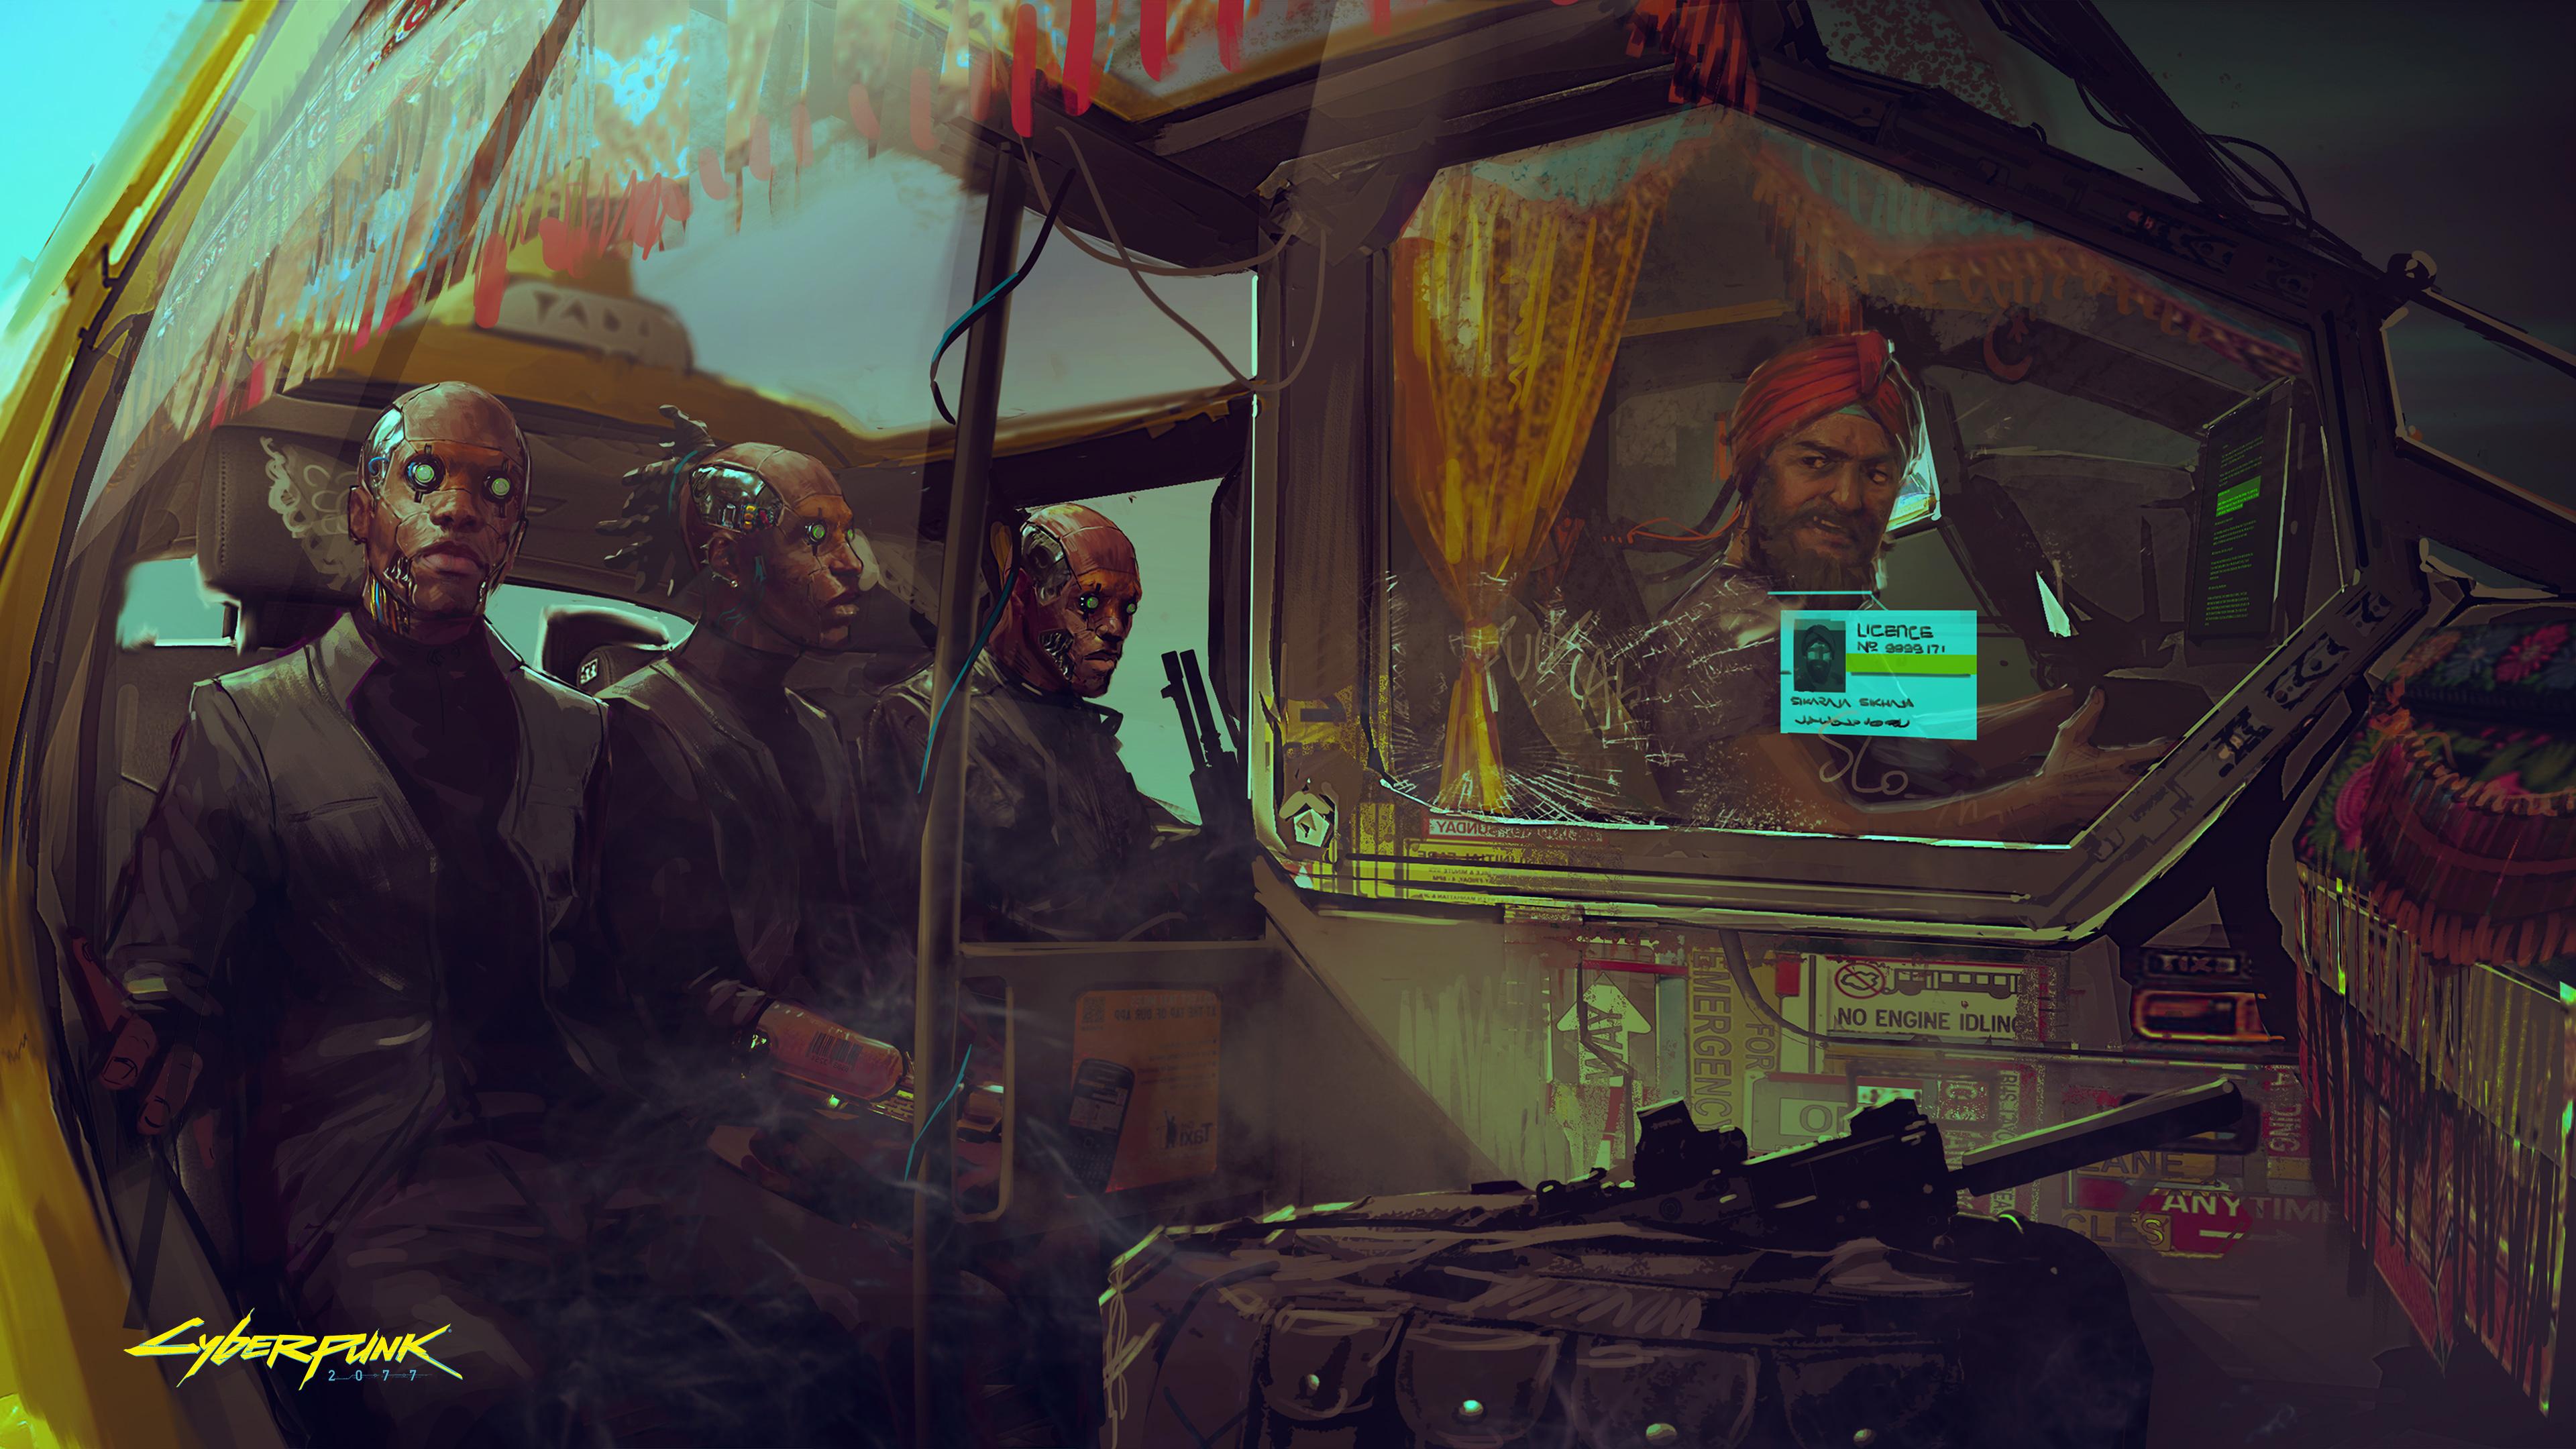 Cyberpunk2077_All_ready_to_go-RGB-en.jpg